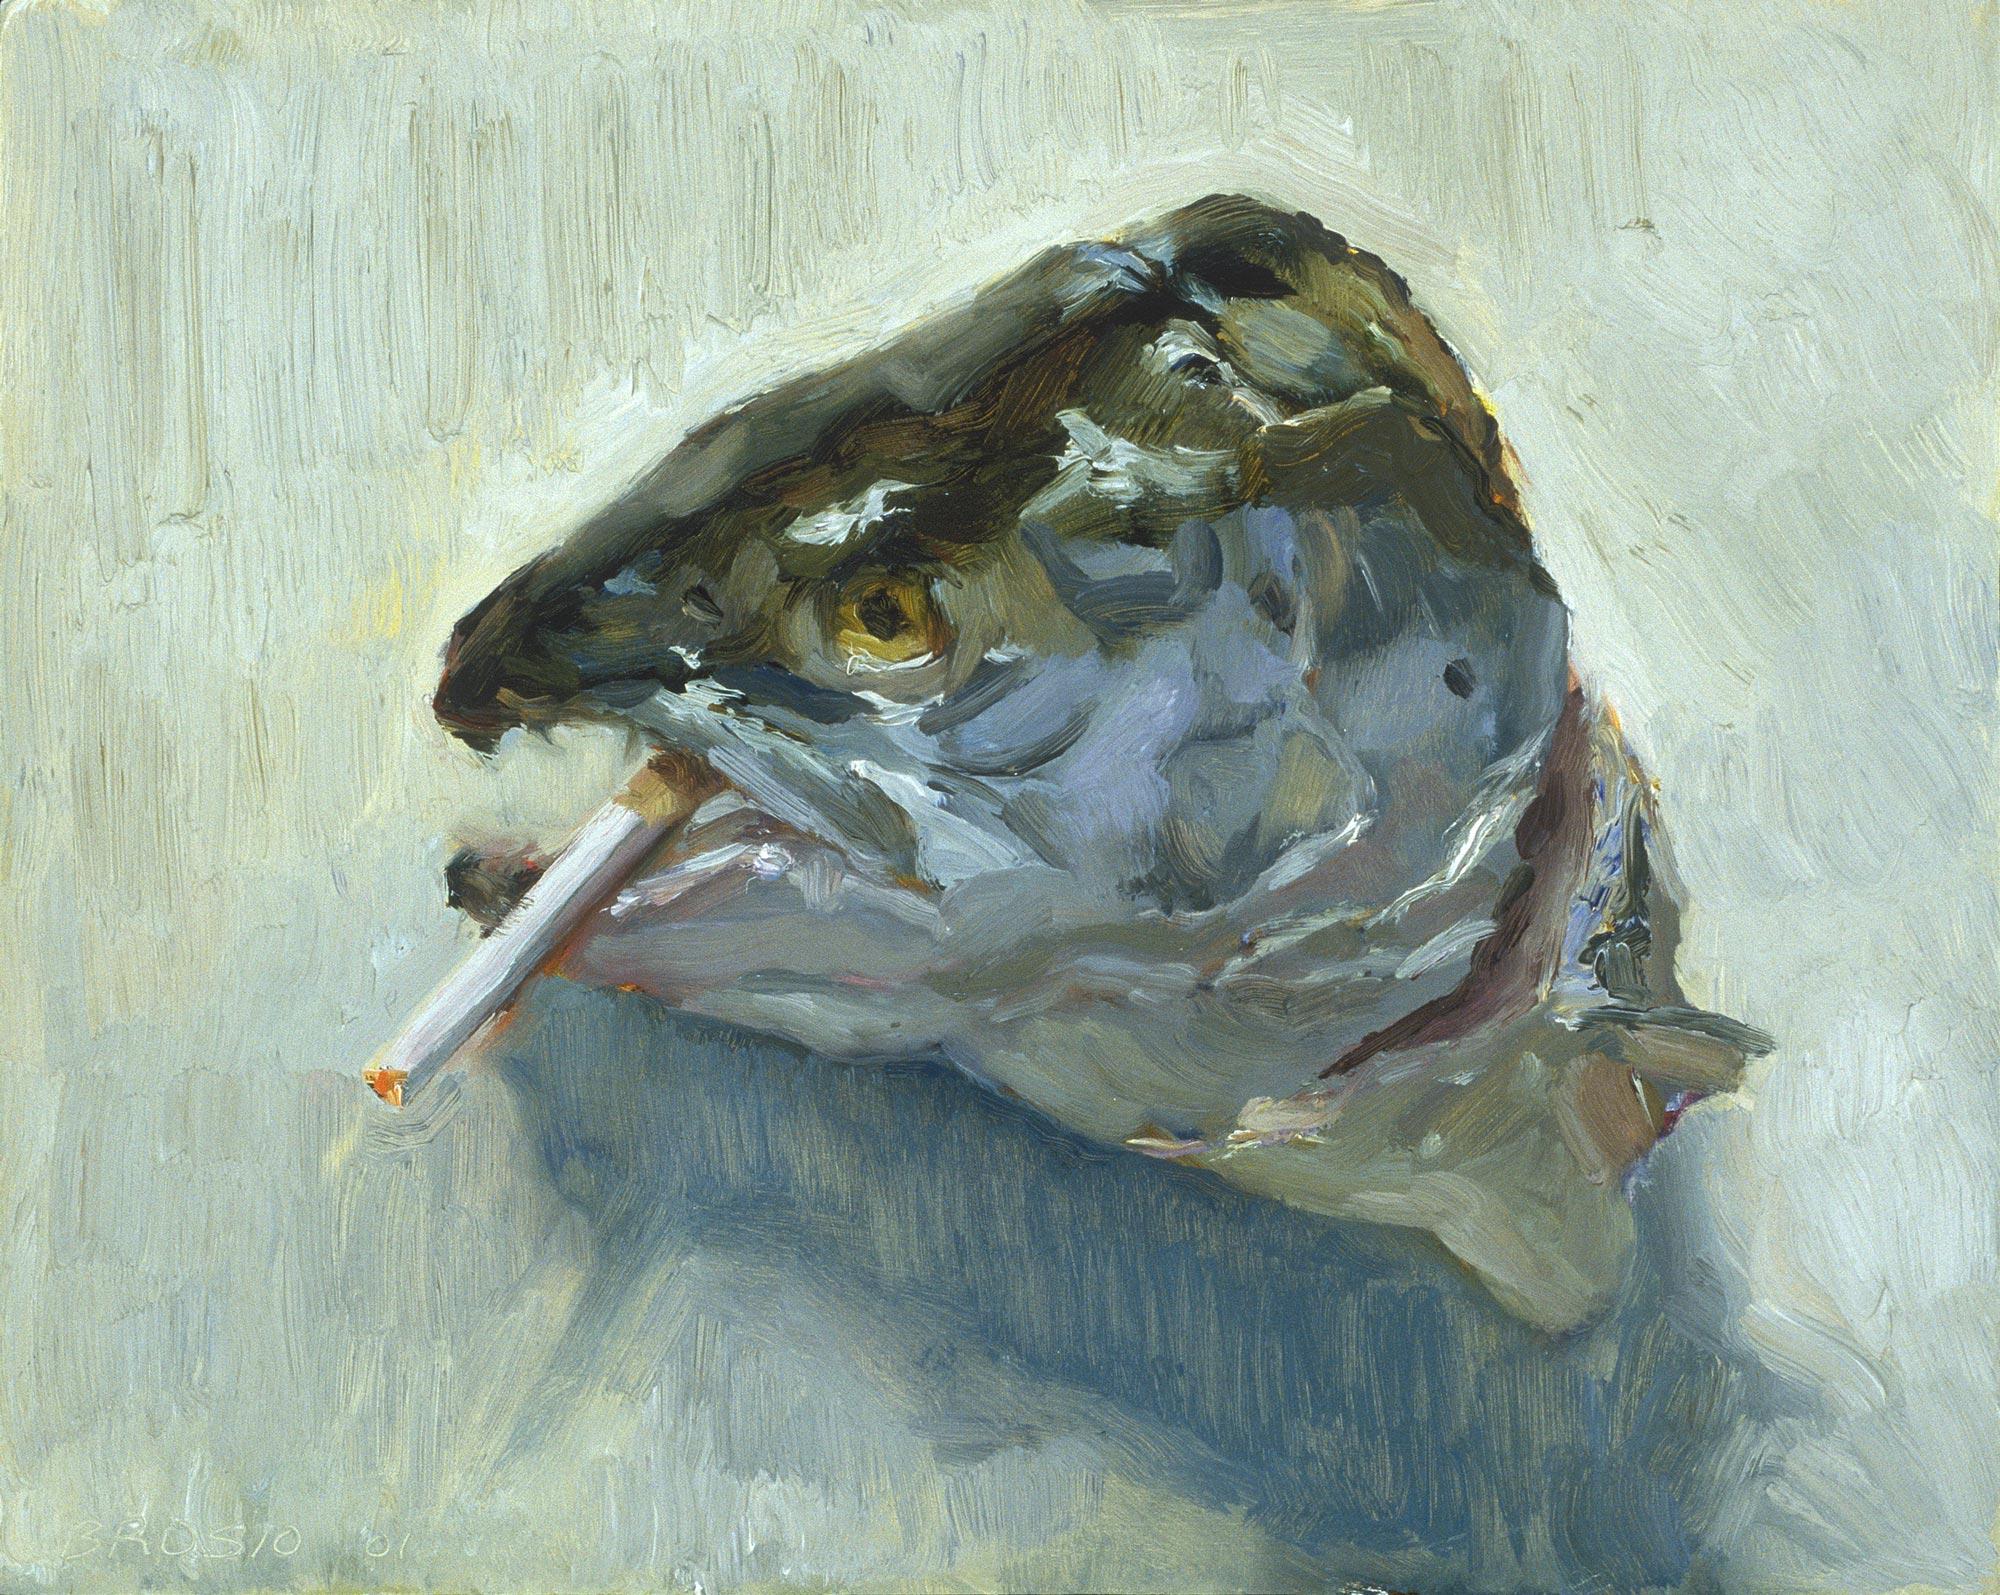 Smoking Salmon 2, 12 x 15, oil on board, 2001